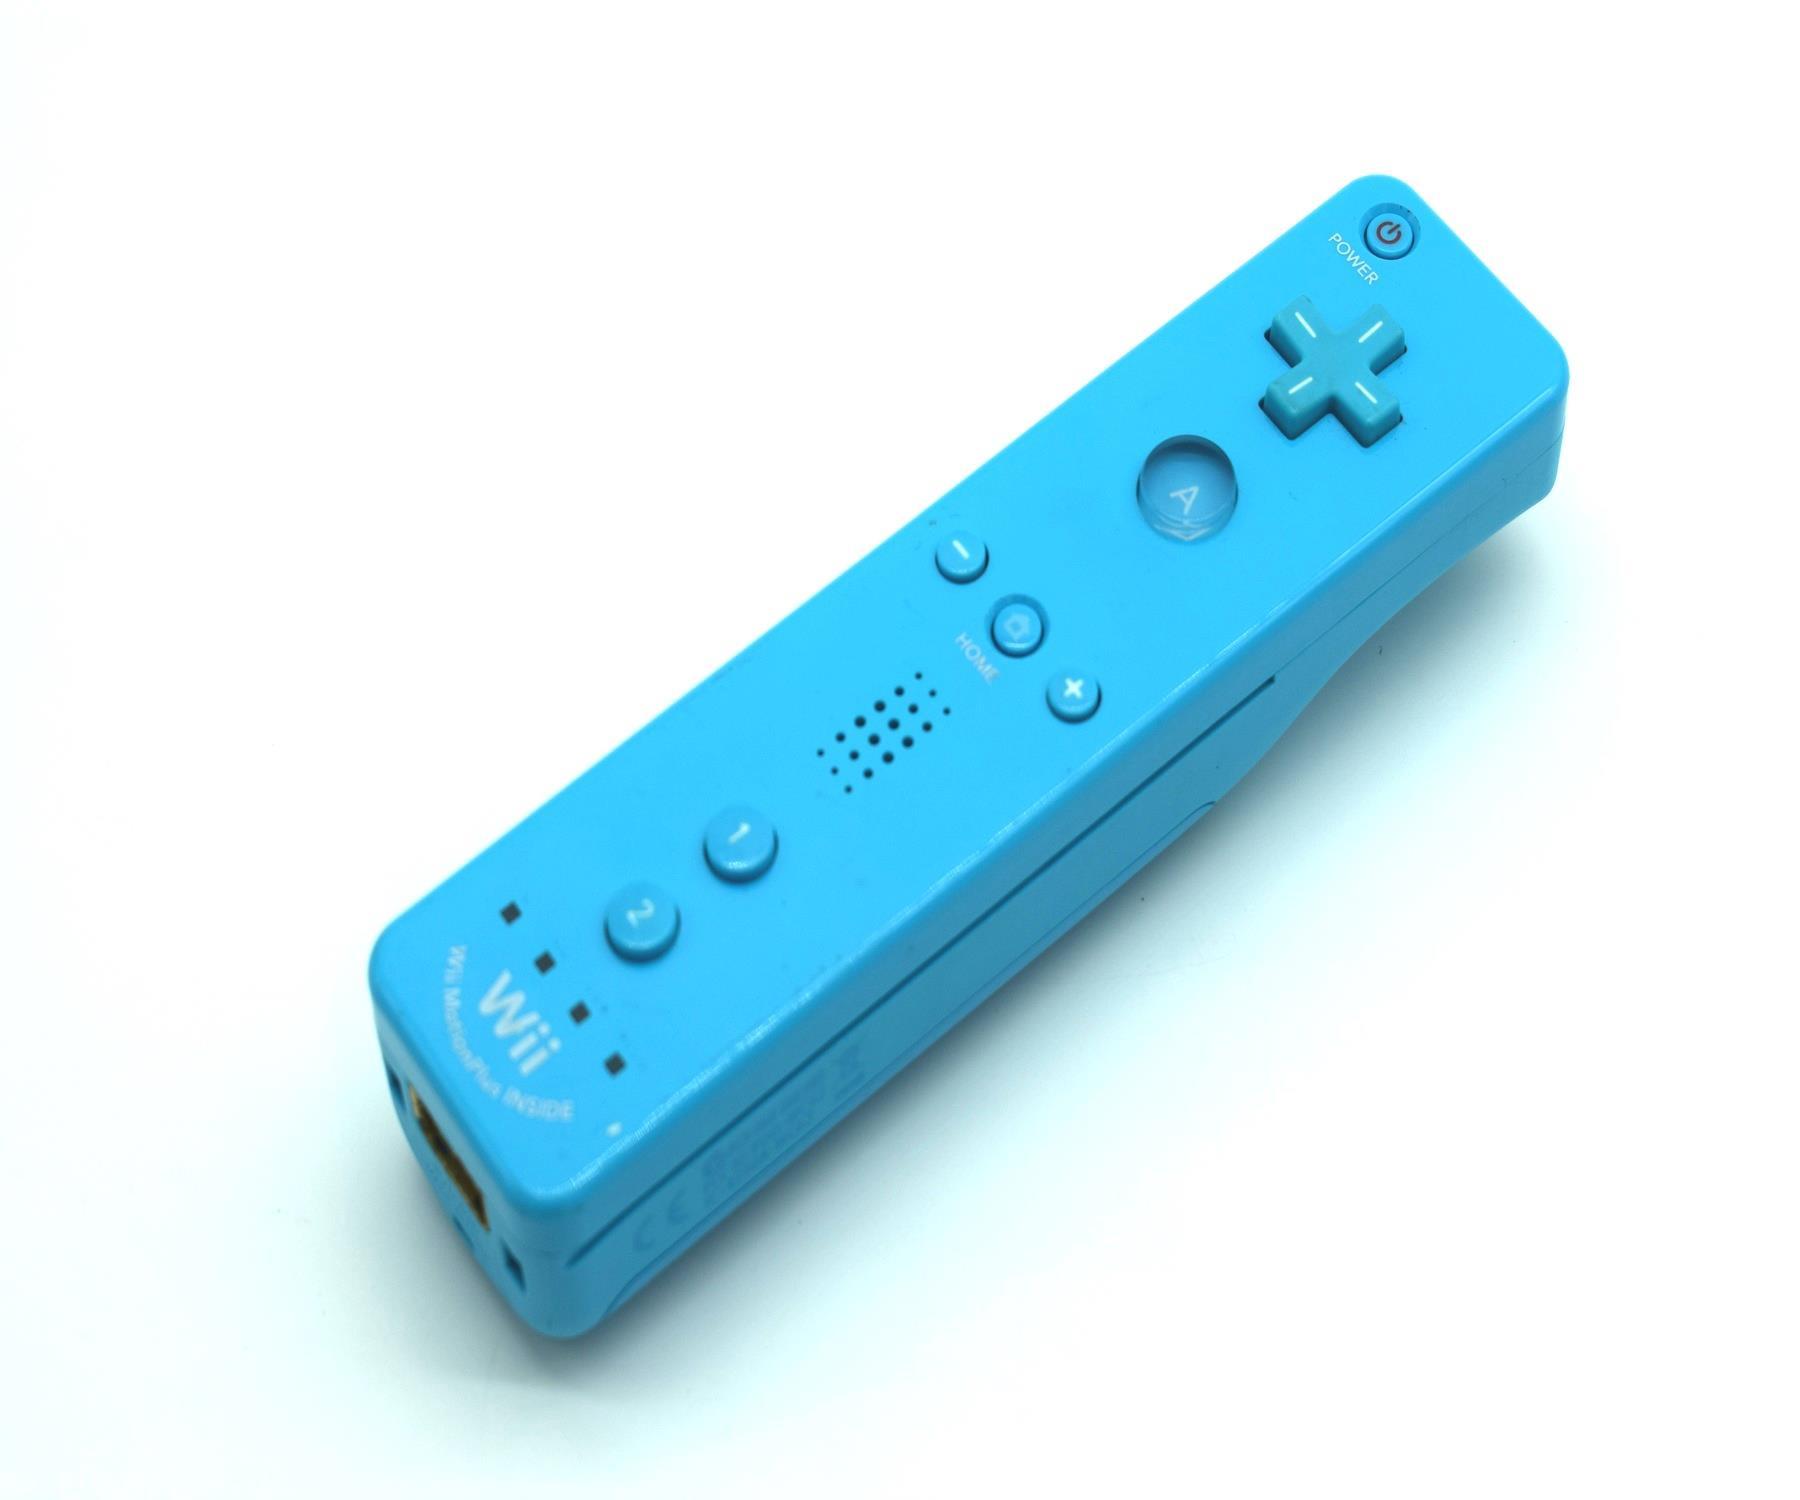 Official-Nintendo-Wii-amp-Remote-U-Plus-Genuine-Original-Controller miniatuur 34